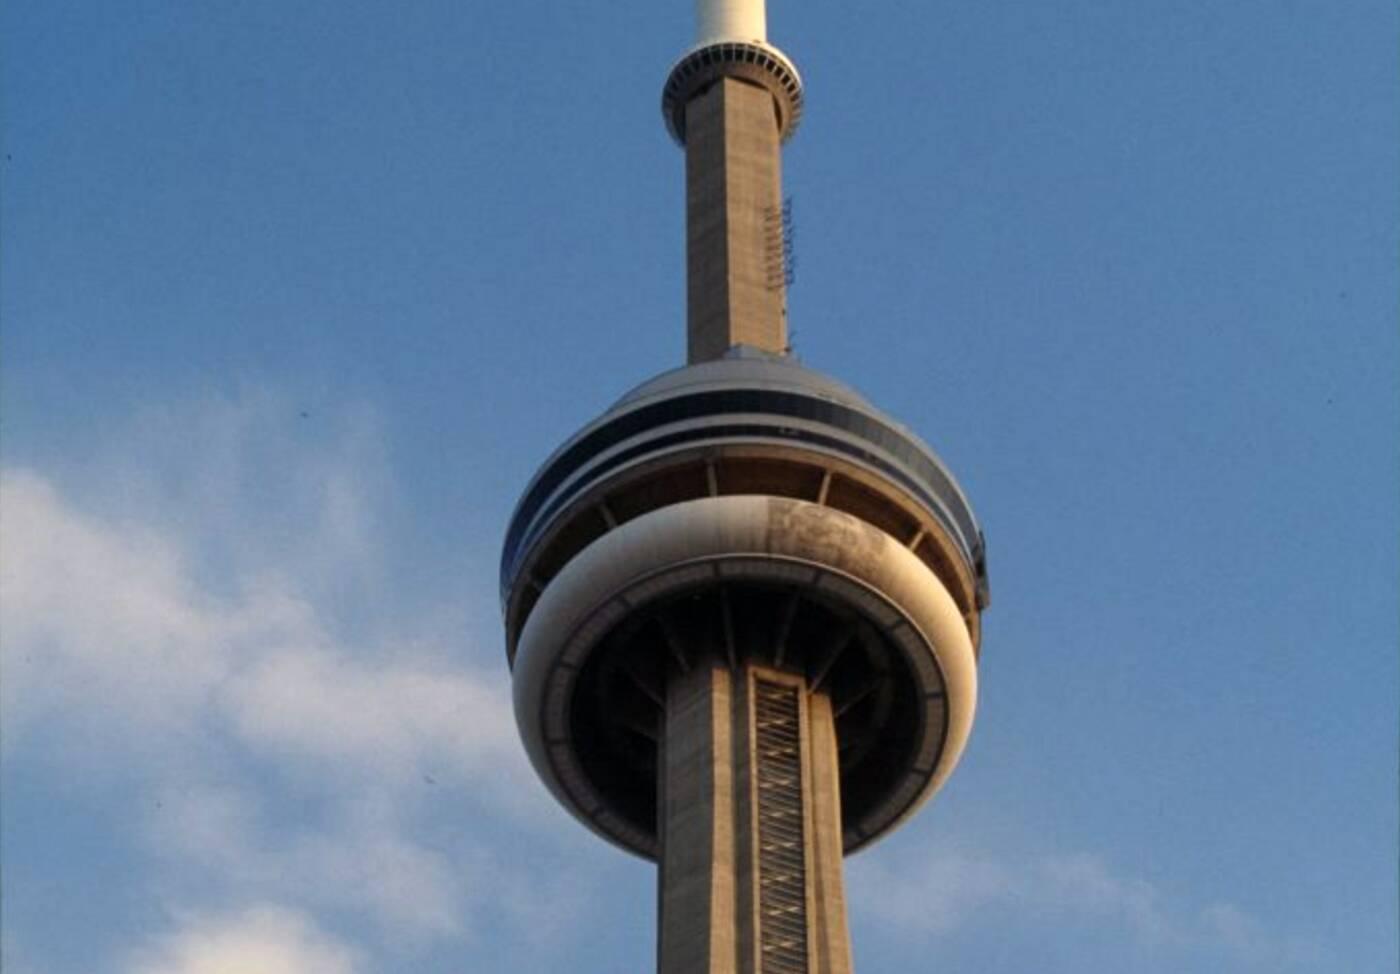 cn tower pepsi logo